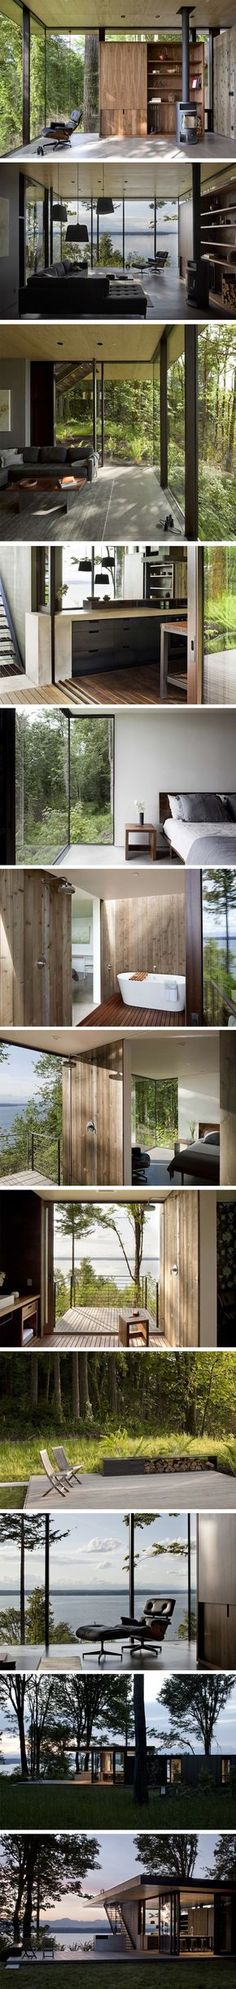 Case-Inlet-Retreat-MWWorks-Architecture+Design-2